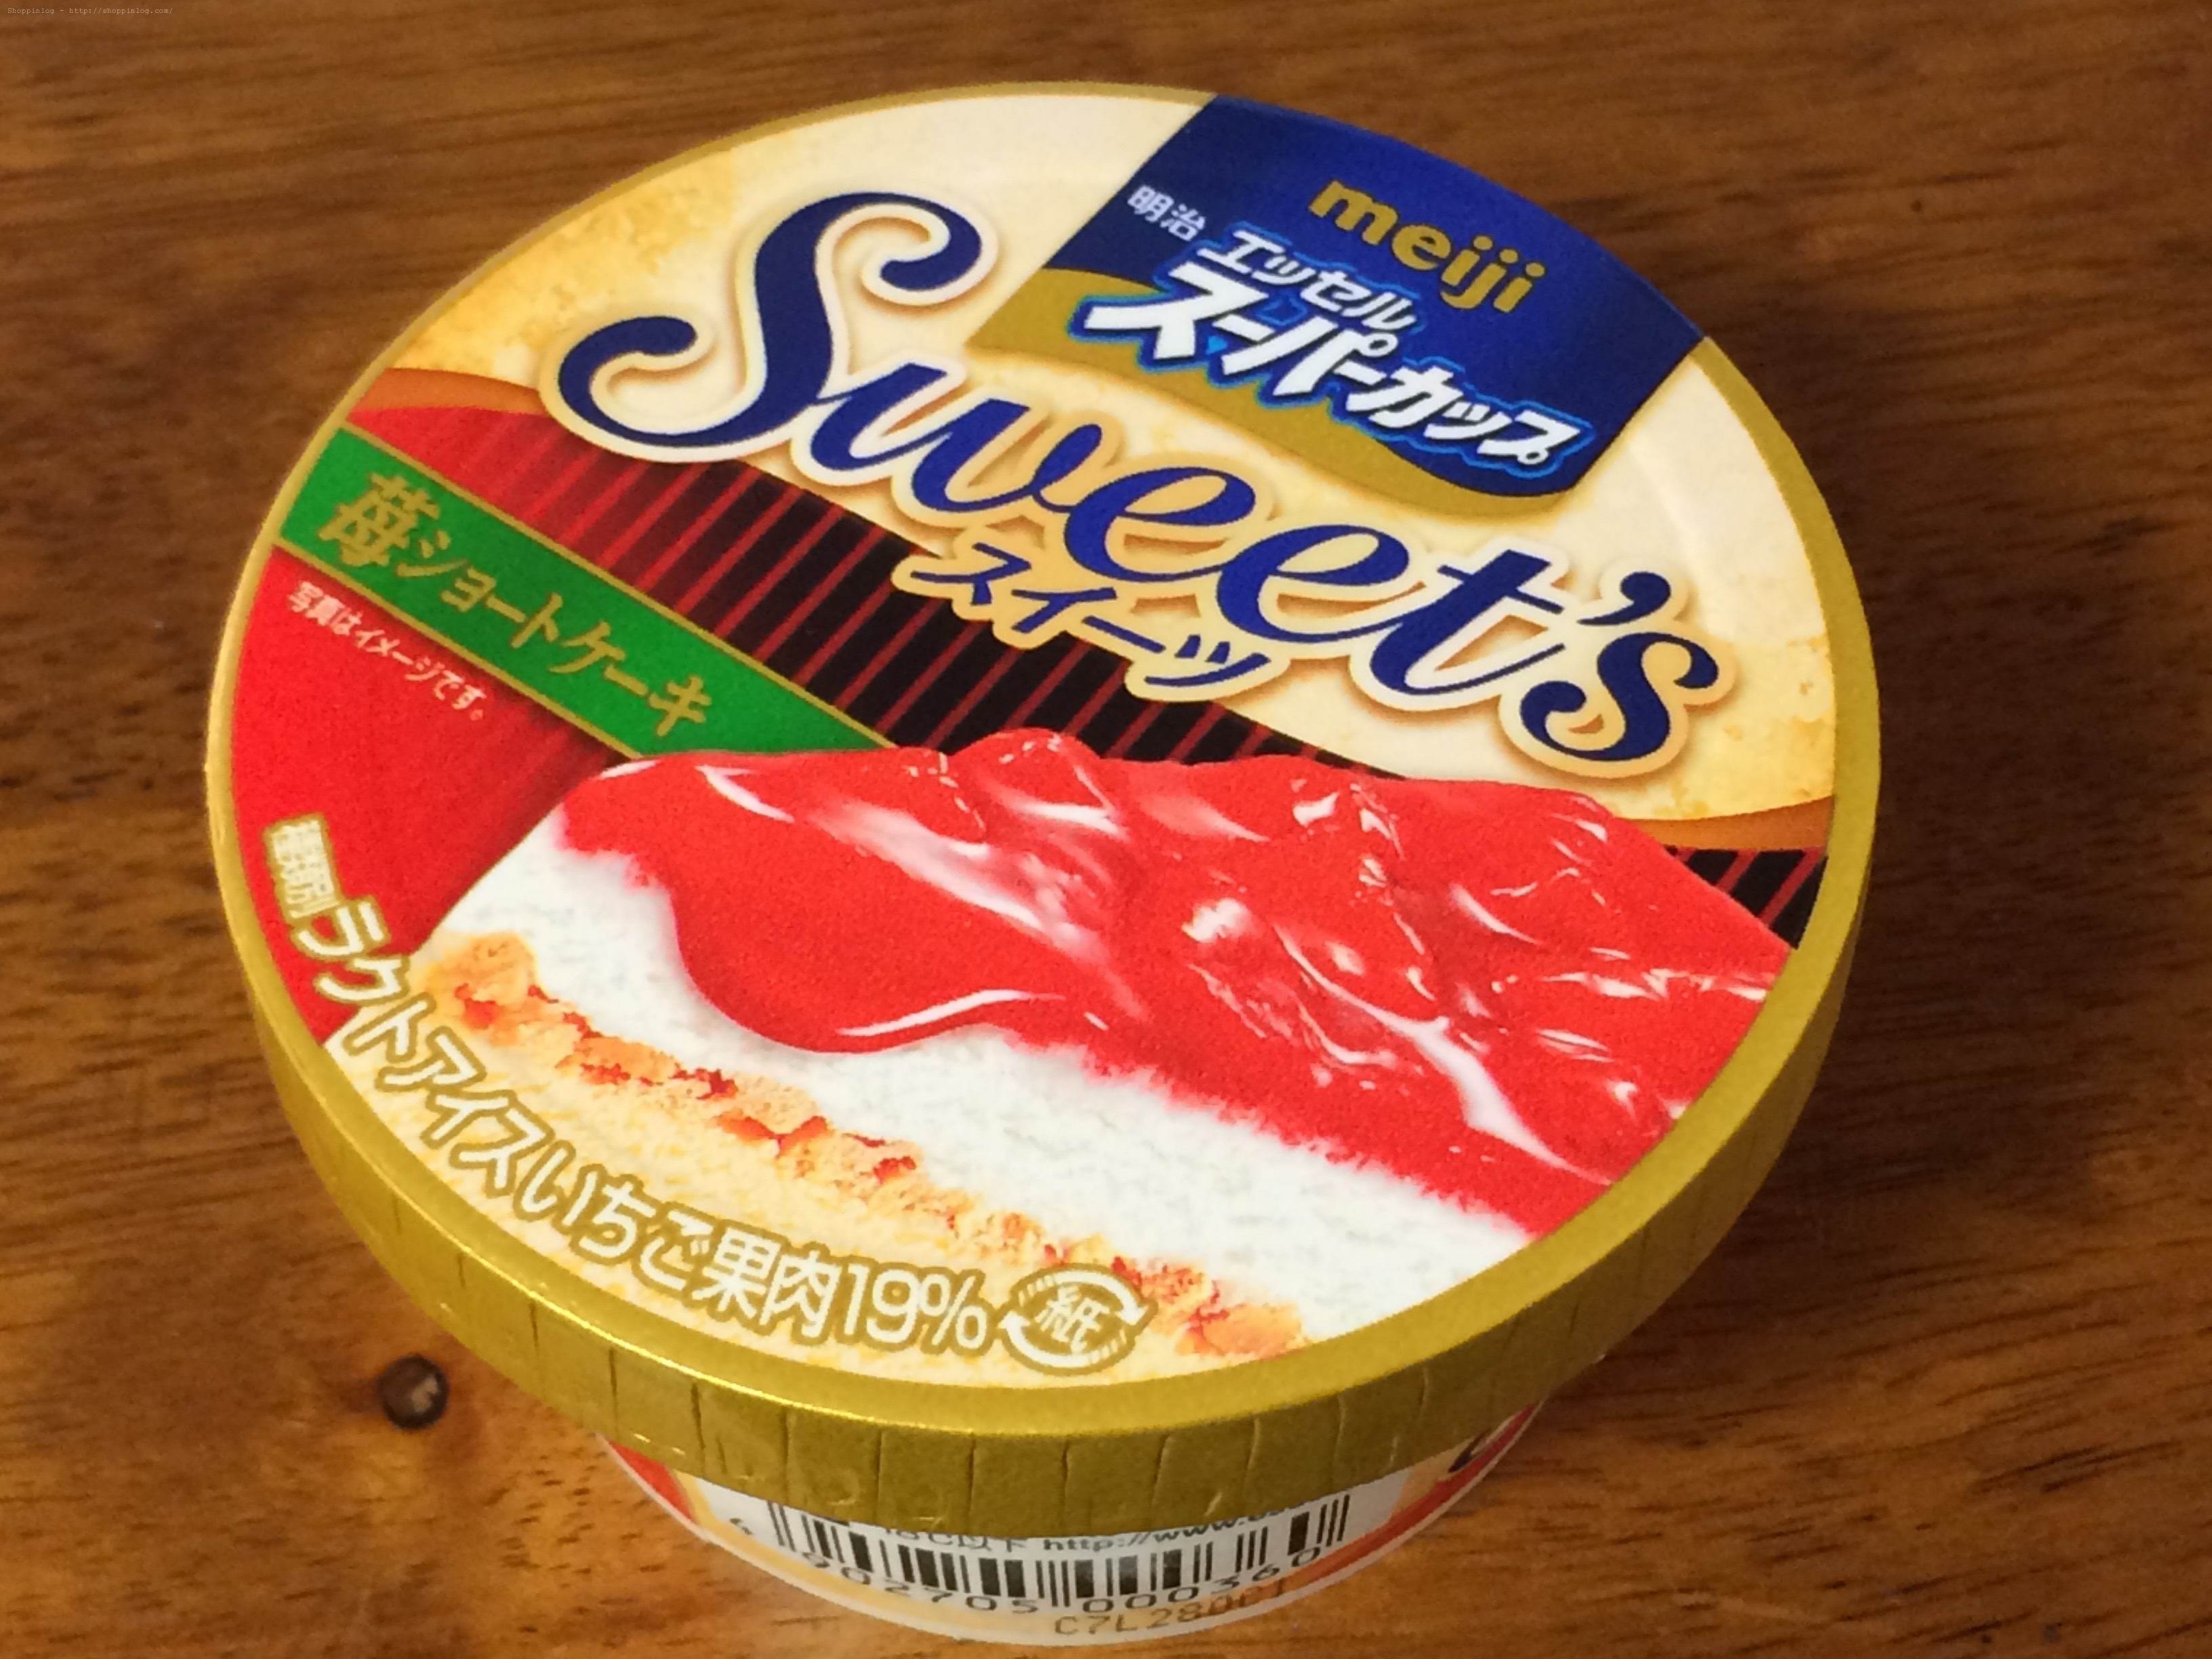 明治エッセル スーパーカップ スイーツ 苺ショートケーキ